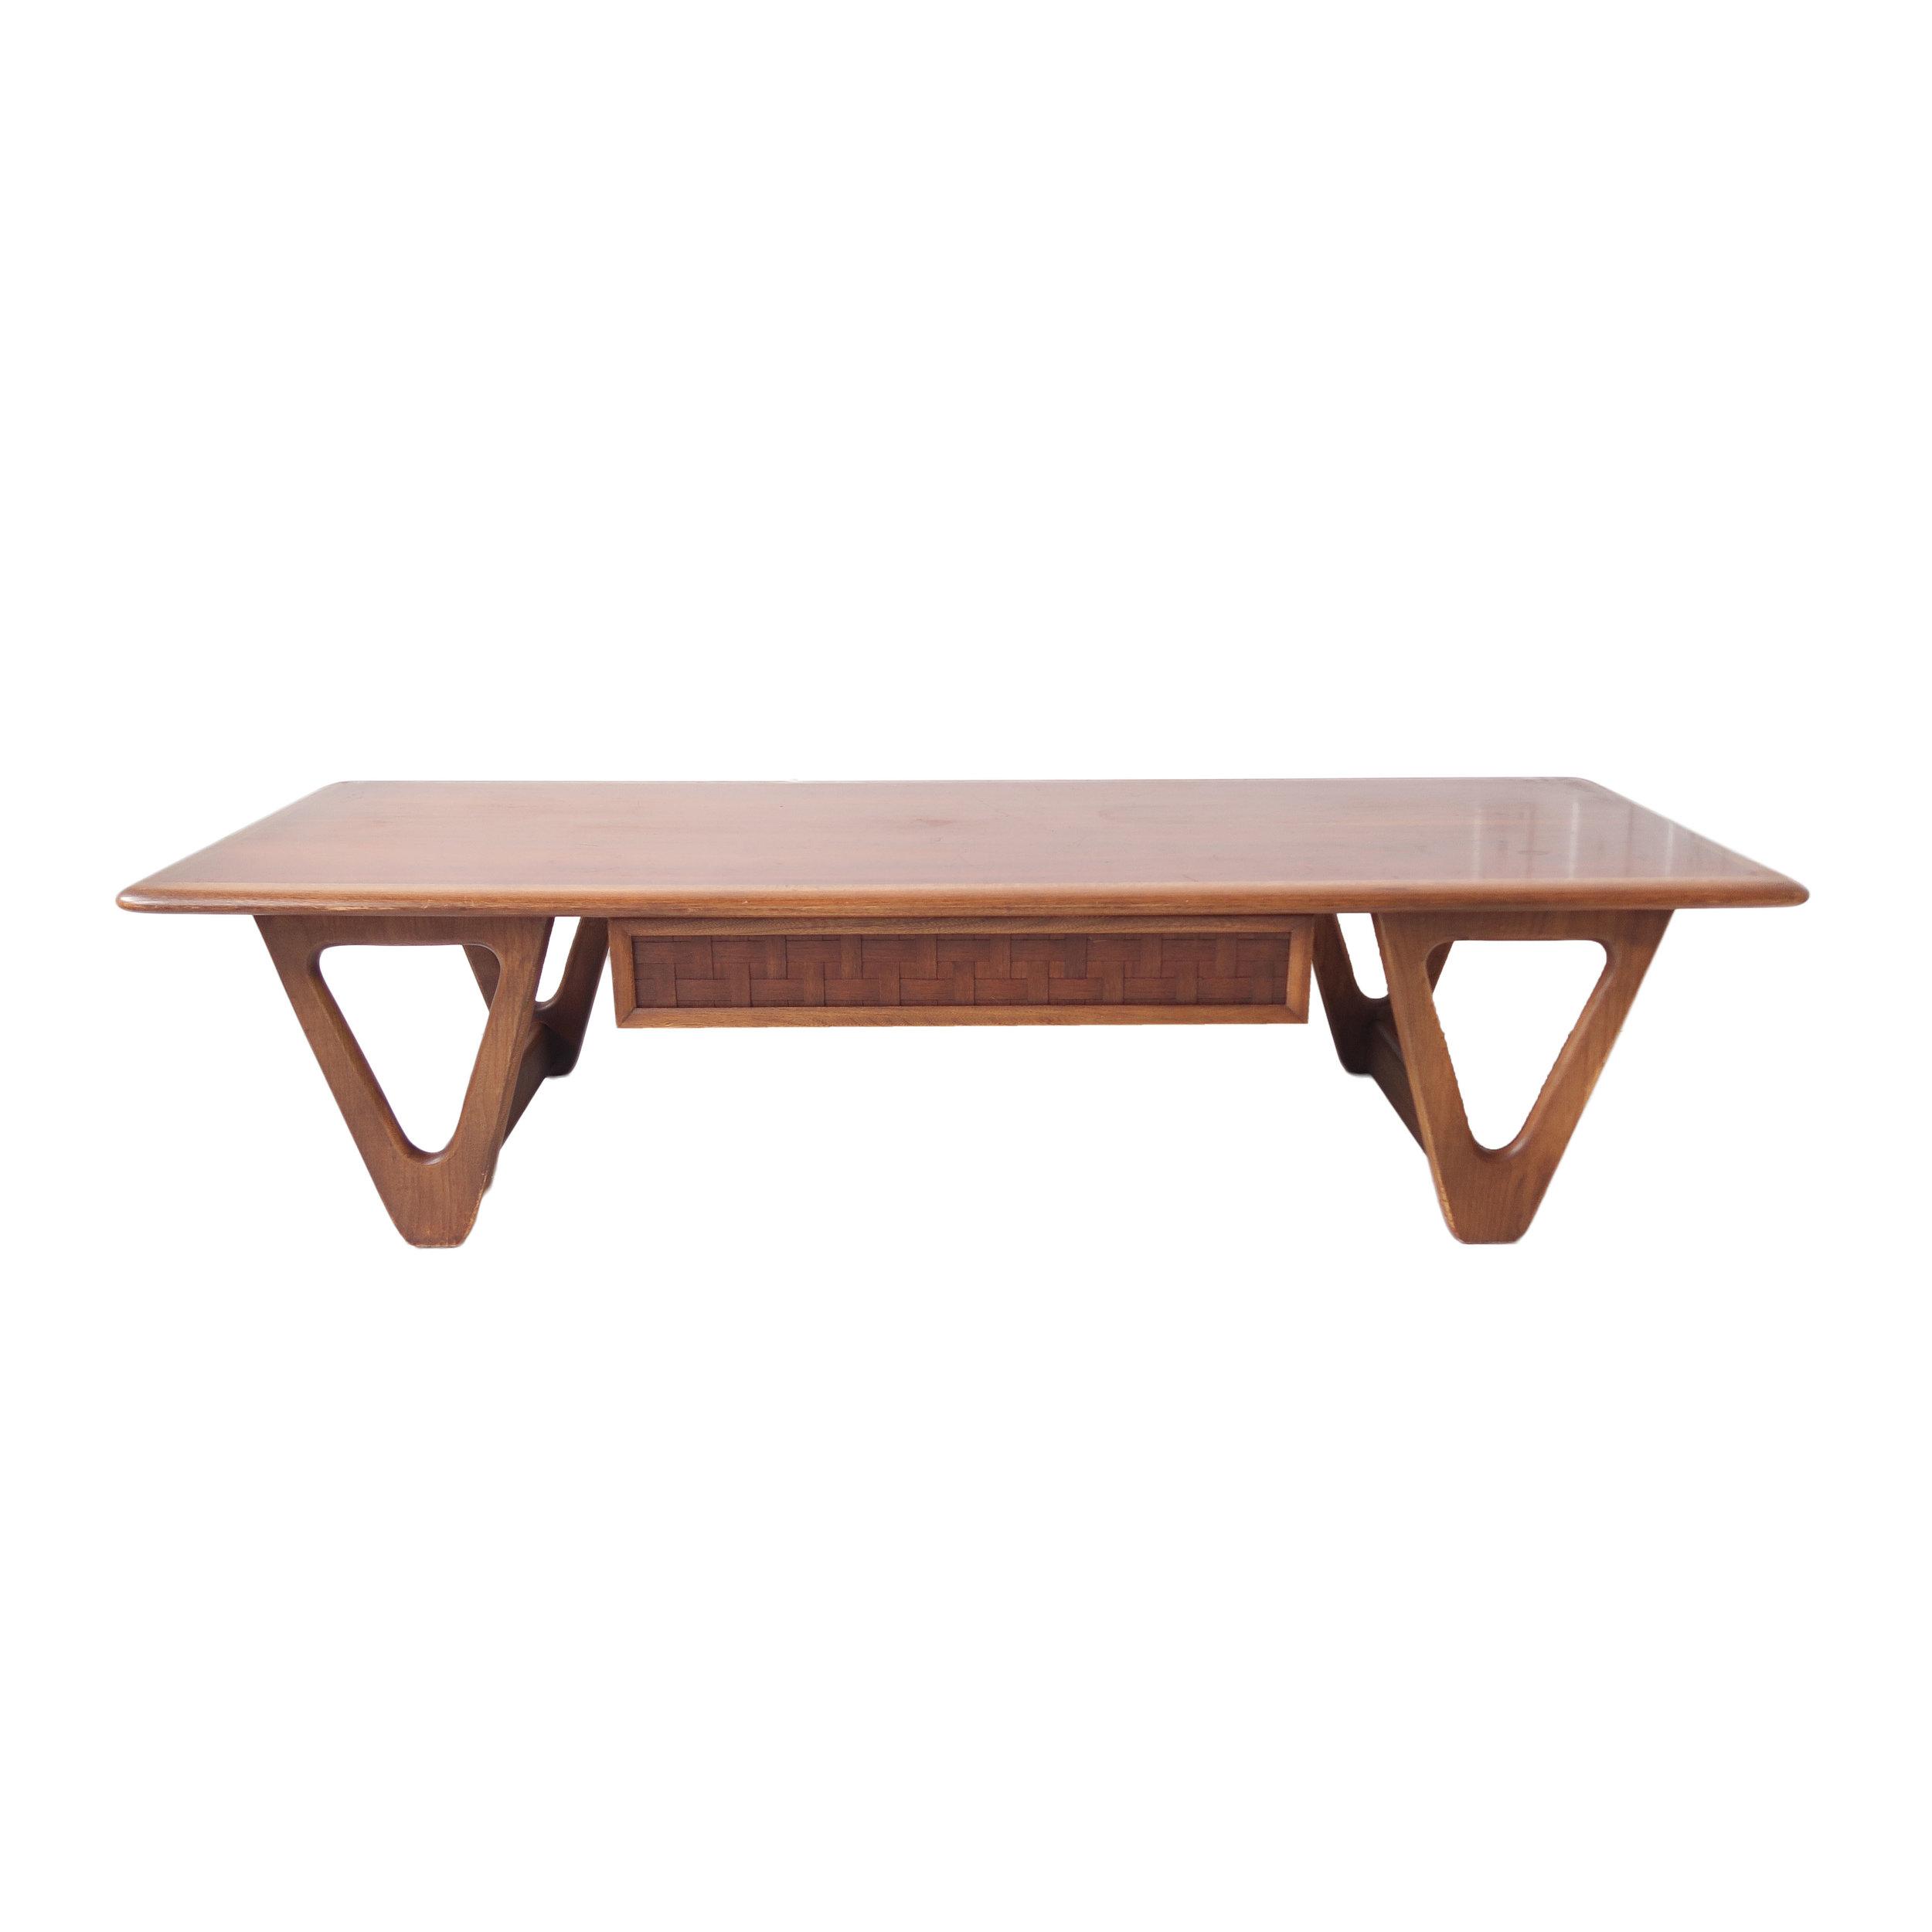 vintage lane coffee table.jpg